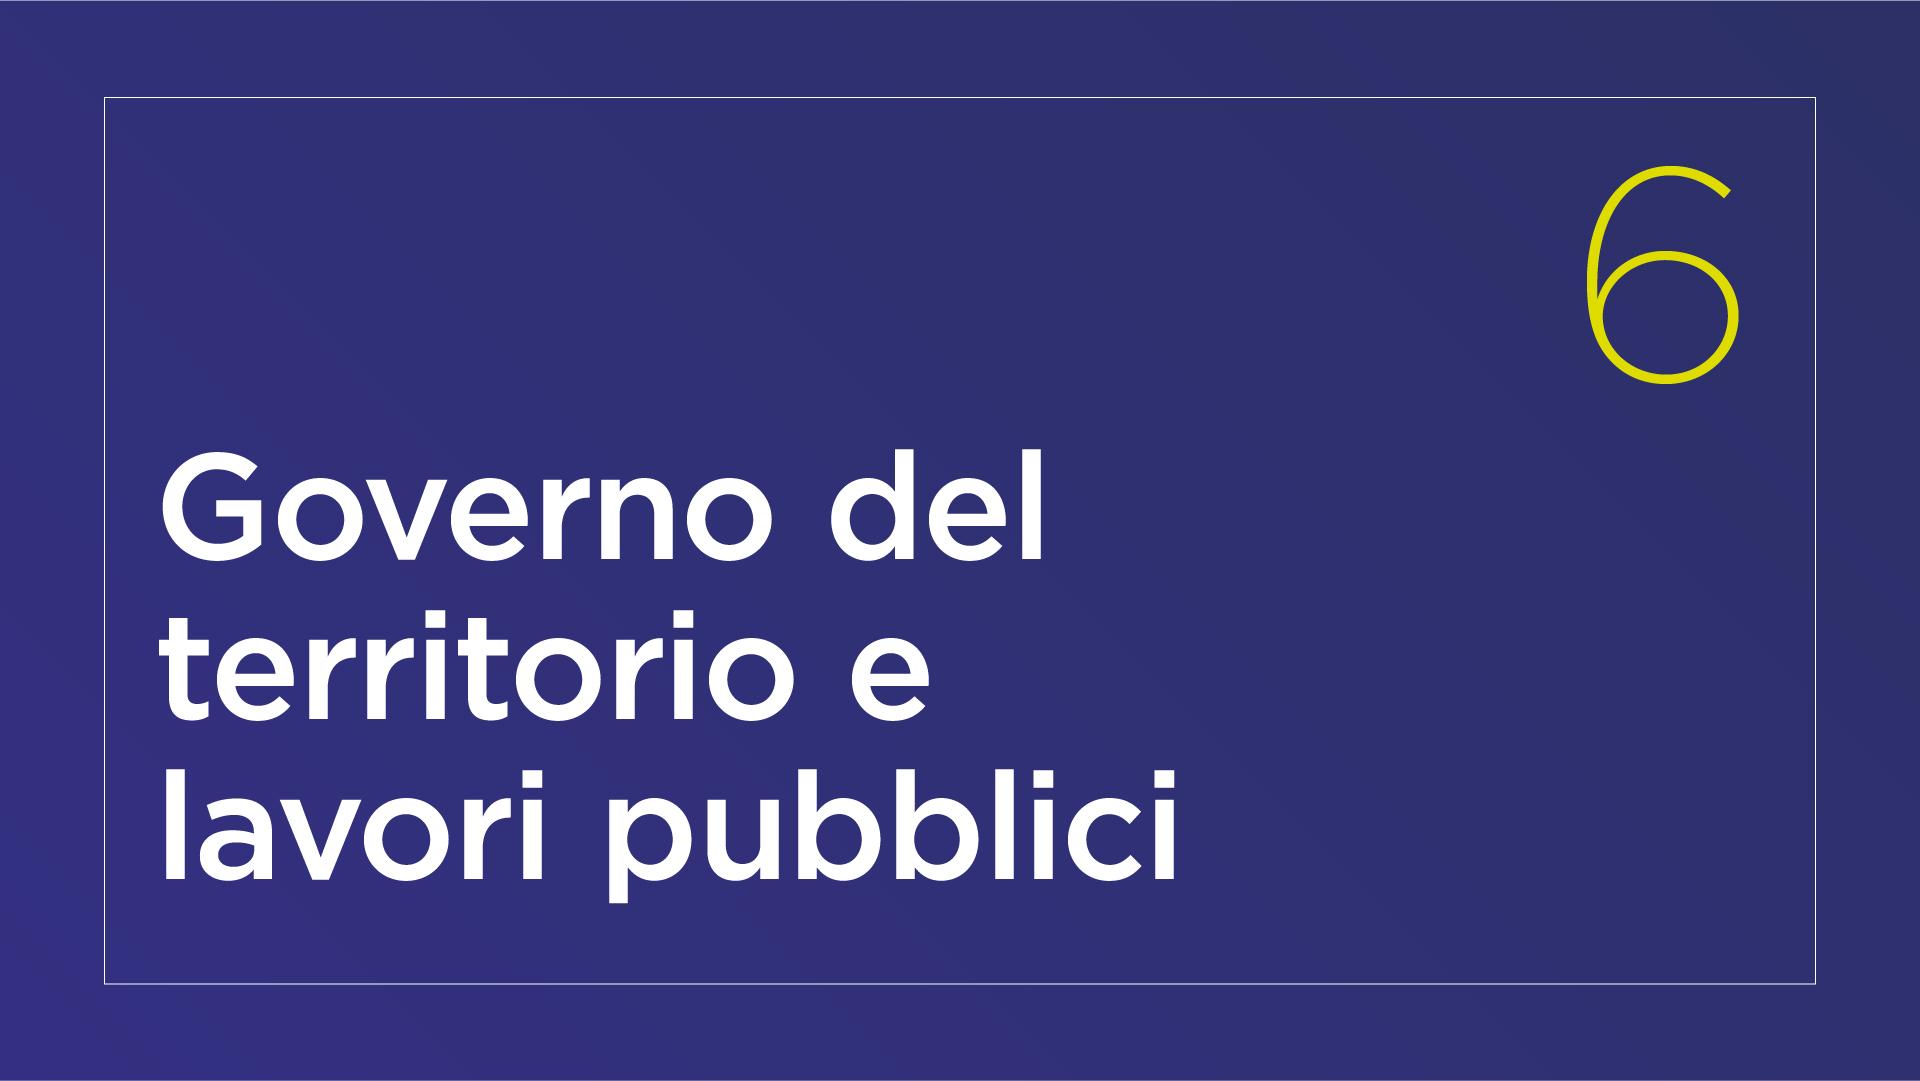 Governo del territorio e lavori pubblici